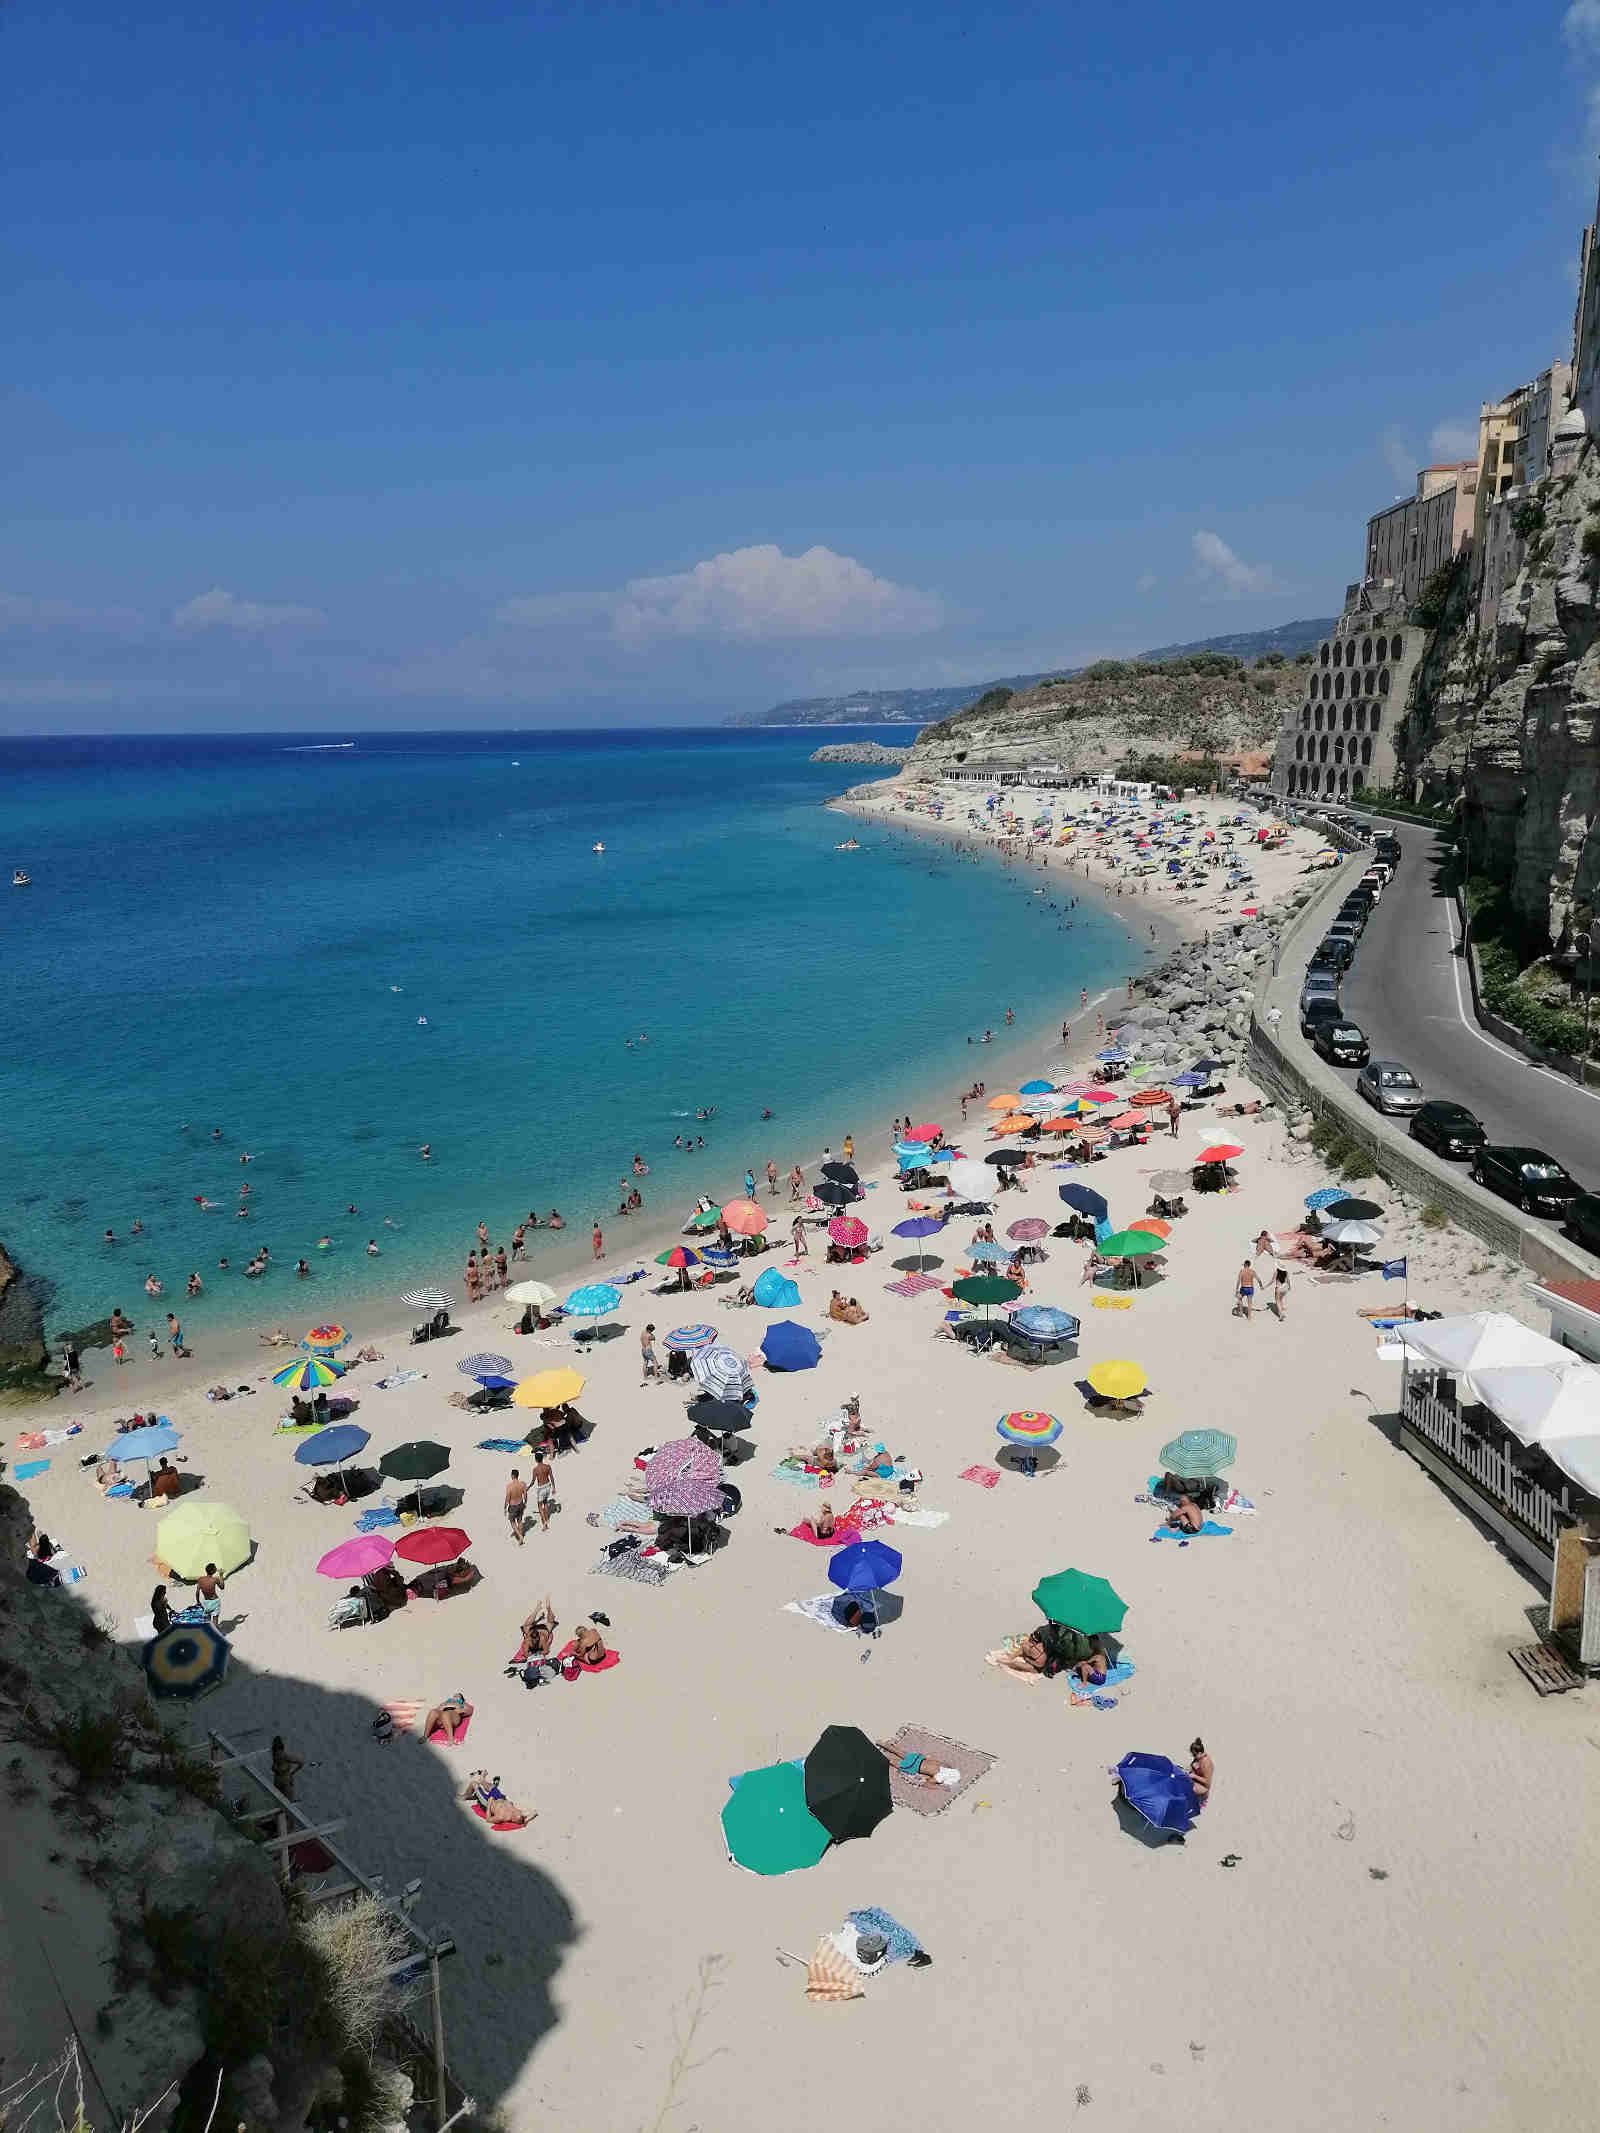 Paorama di Tropea visto dalla Chiesa di Santa Maria dell'isola sulla Costa degli Dei in Calabria inserita in Pronto estate, la guida alle vacanze sulla Costa degli Dei e oltre!